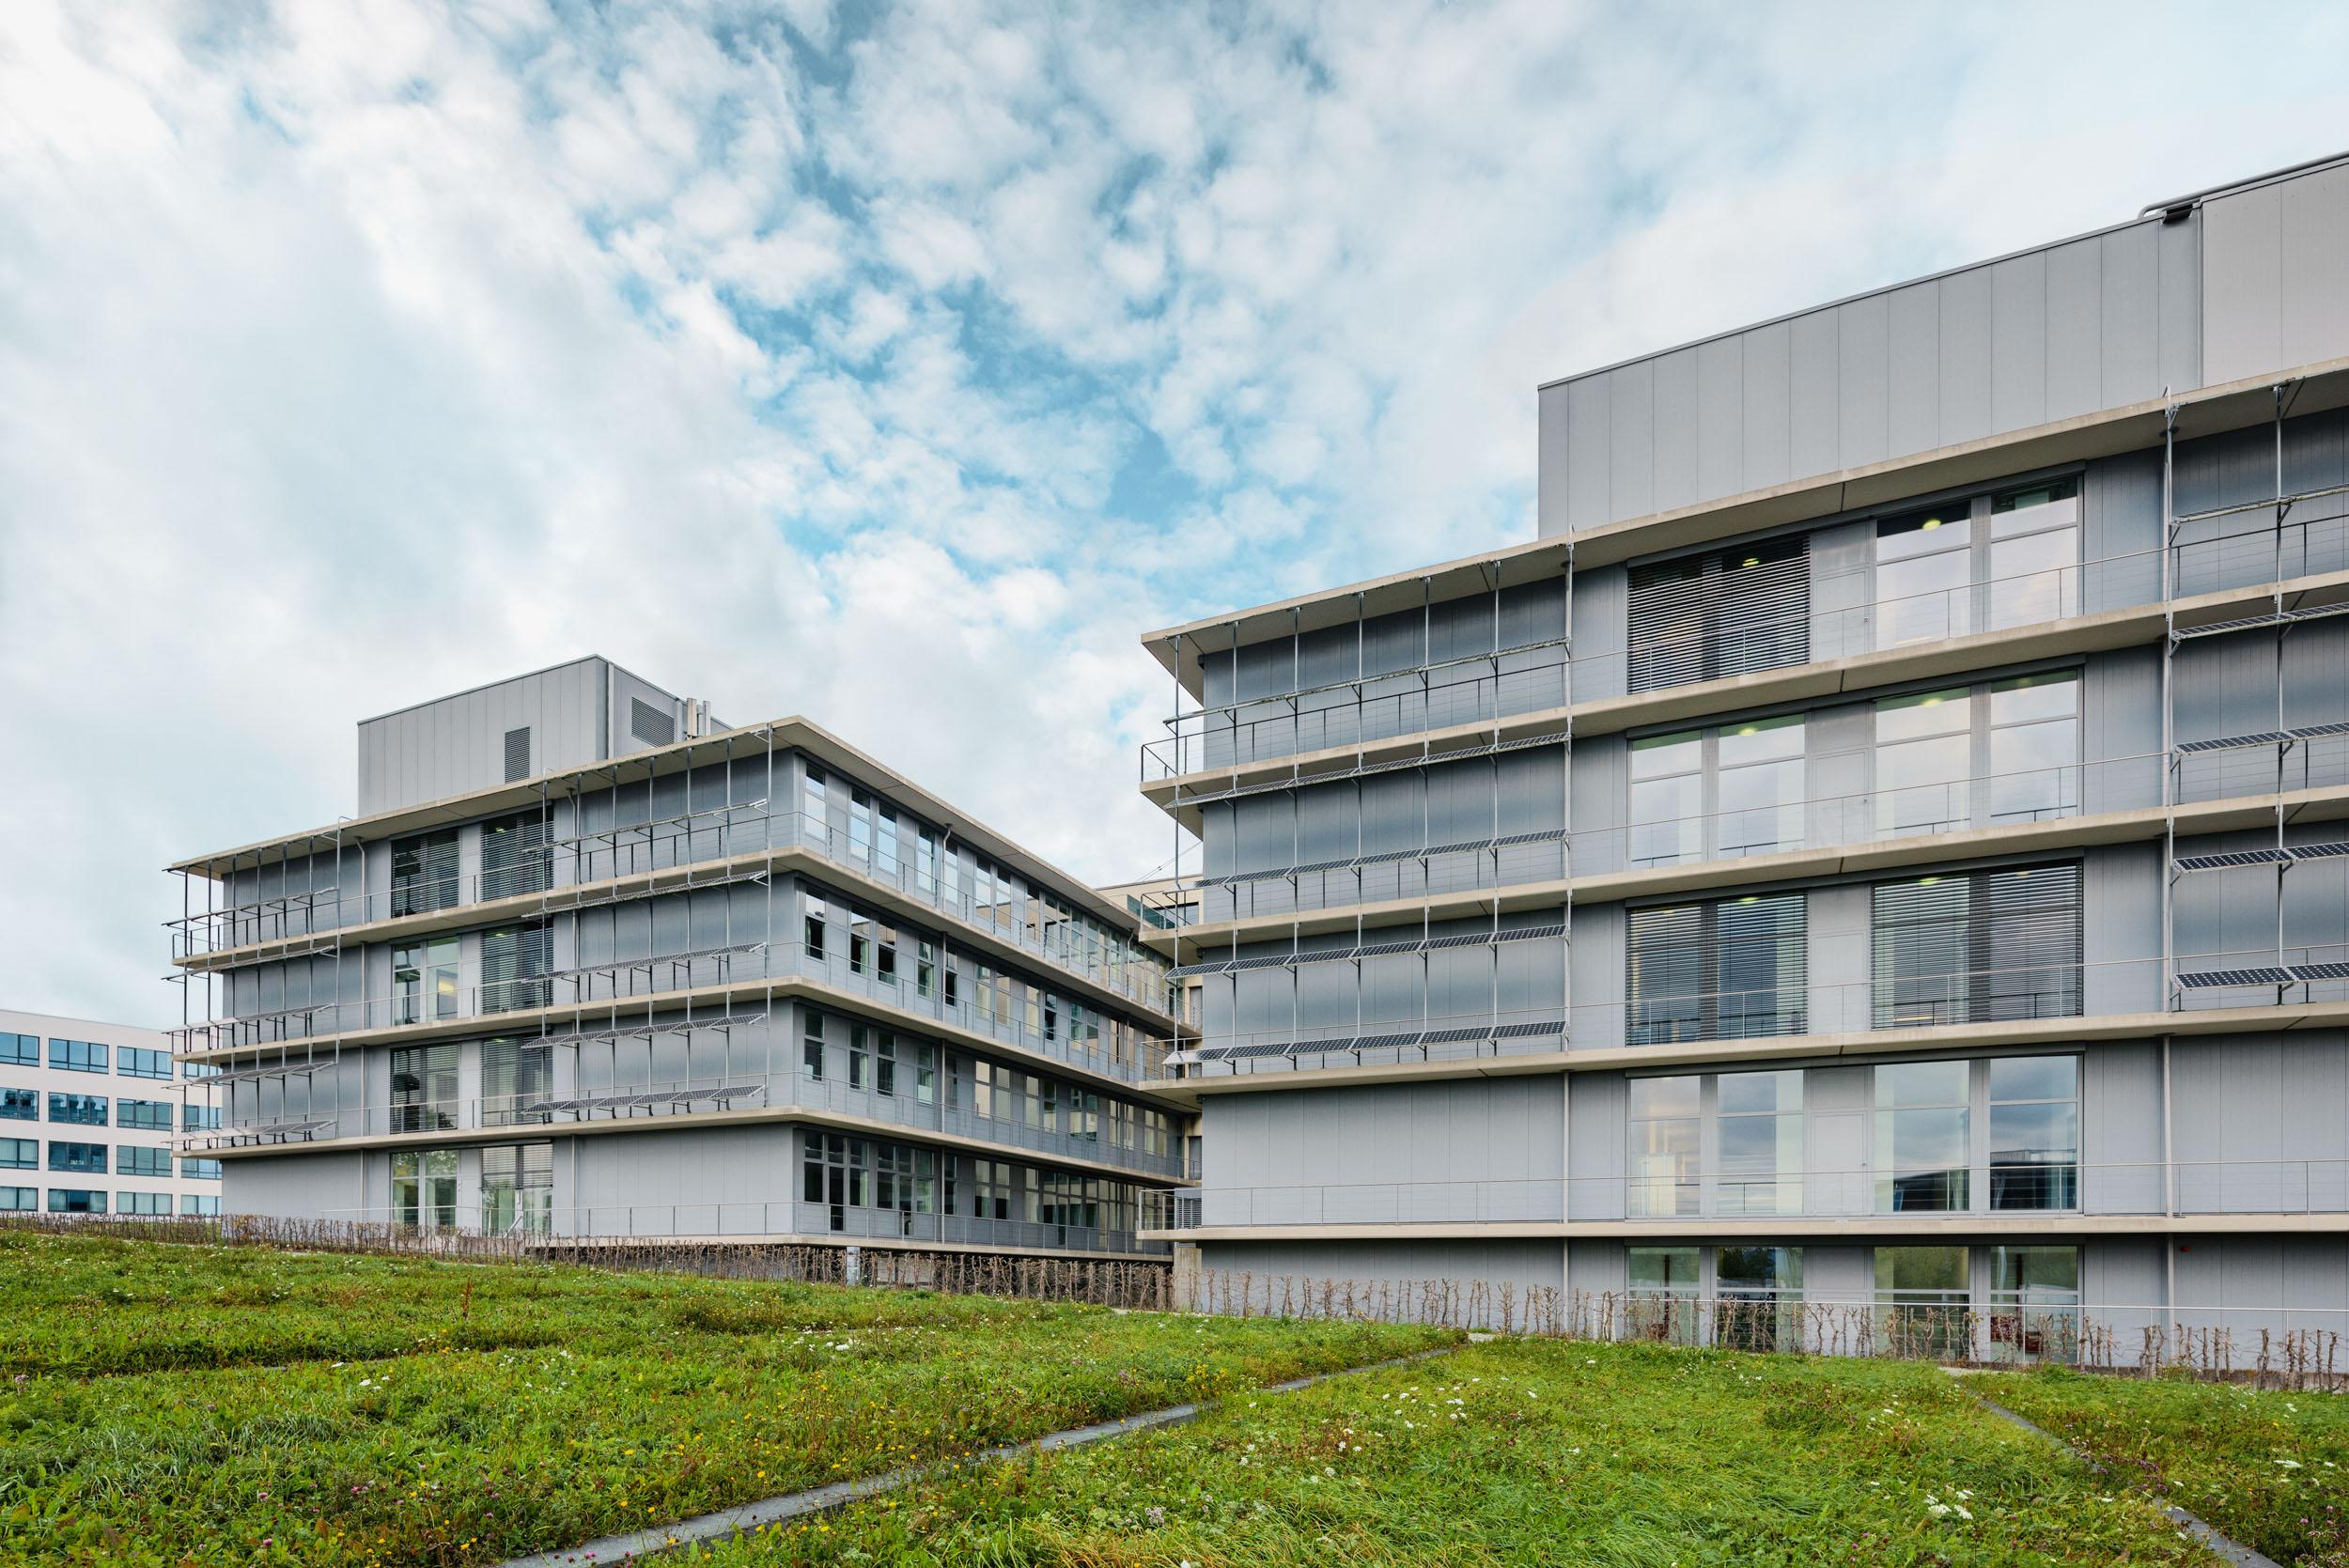 Gustav-Epple-Bauunternehmung-Tübingen-Biotech_MLX8397#00